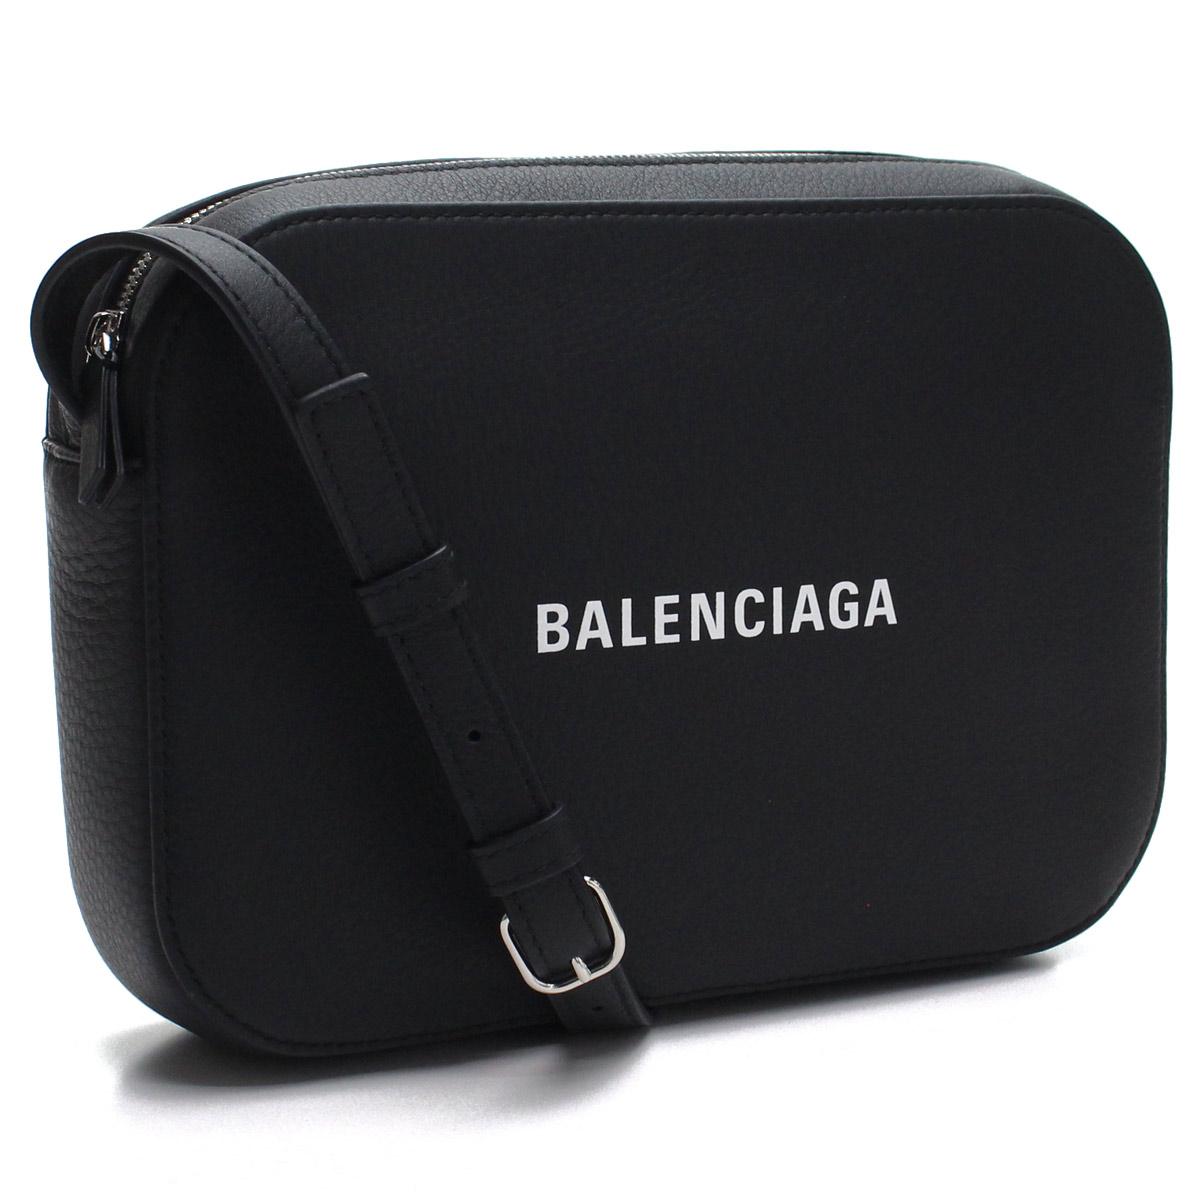 バレンシアガ BALENCIAGA エブリデイ 斜め掛け ショルダーバッグ 552370 D6W2N 1000 NOIR/L BLANC ブラック レディース